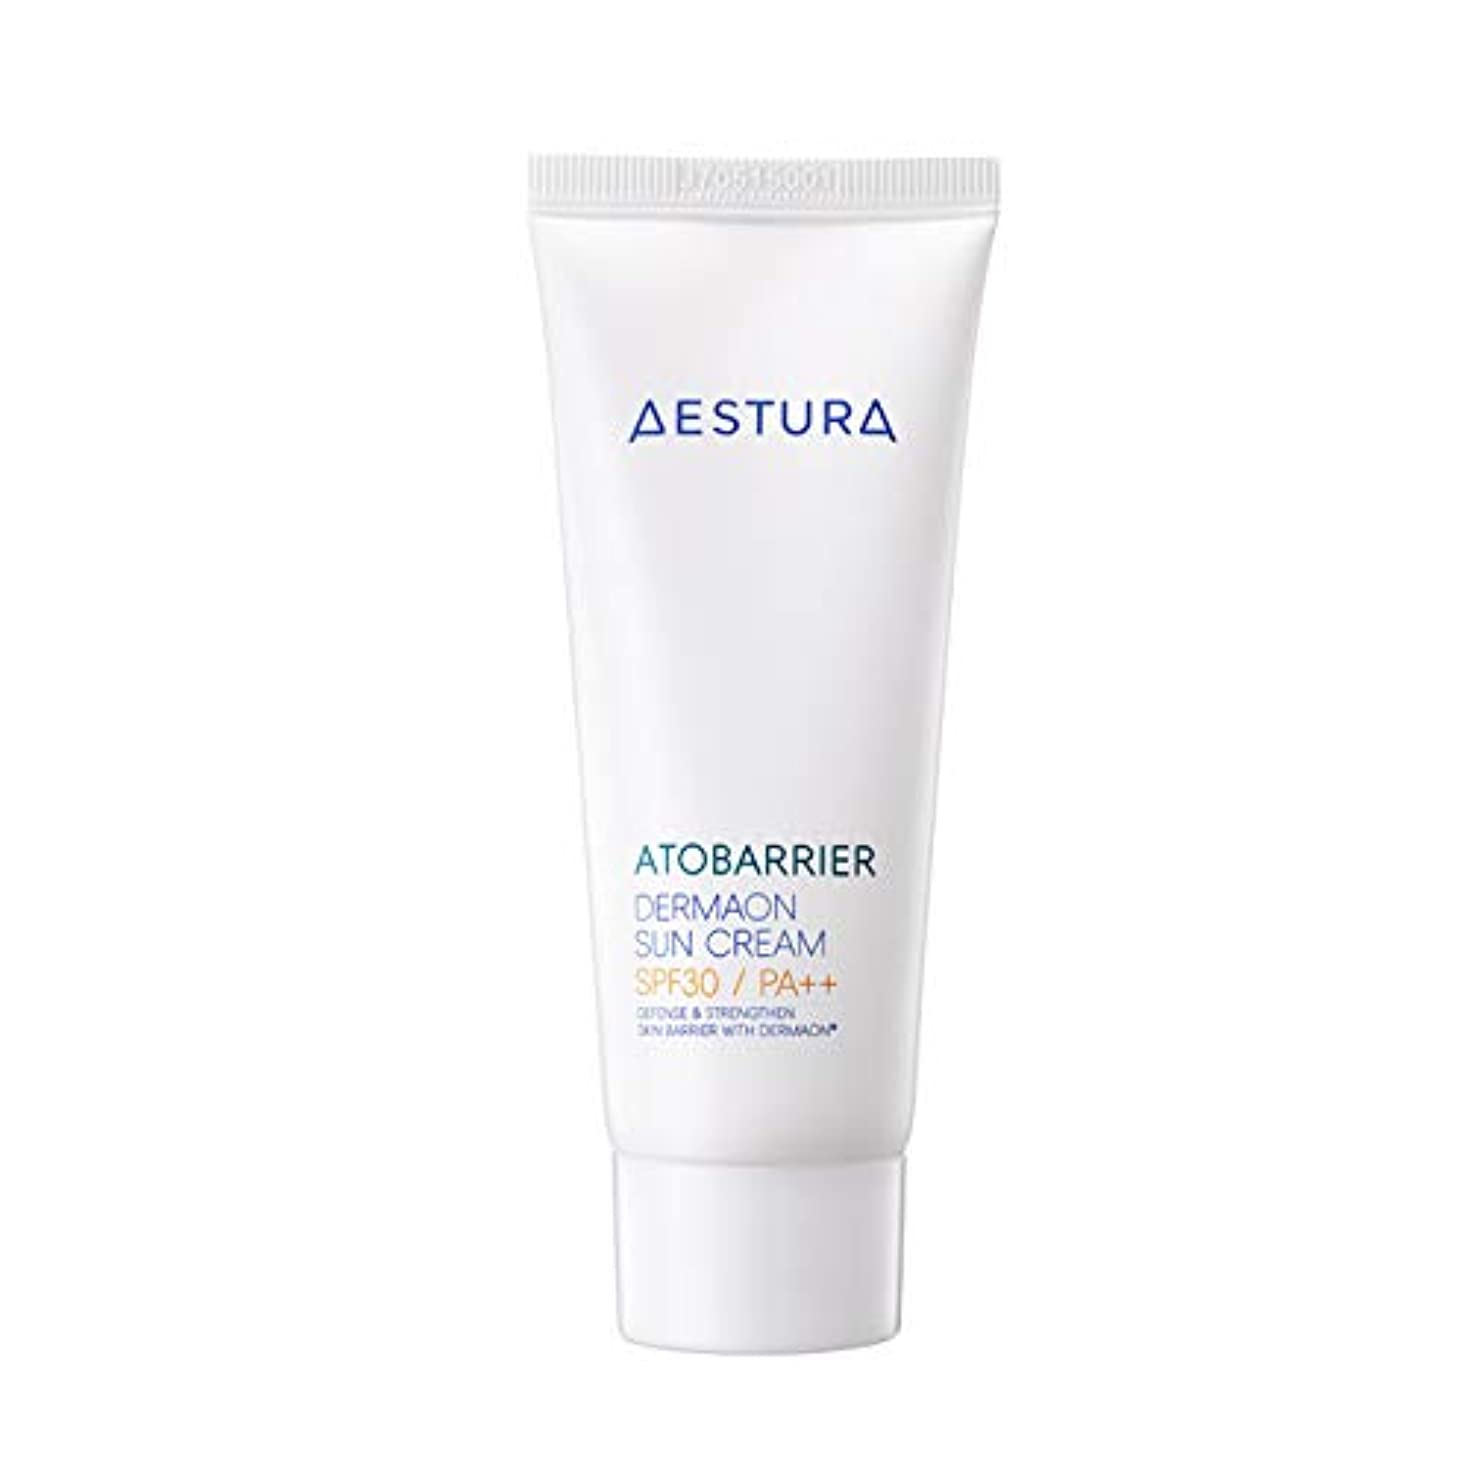 欠乏留め金ファンAESTURA アトバリエ ダーマオン サンクリーム 60ml,SPF30 / PA++ Atobarrier Dermaon Sun Cream